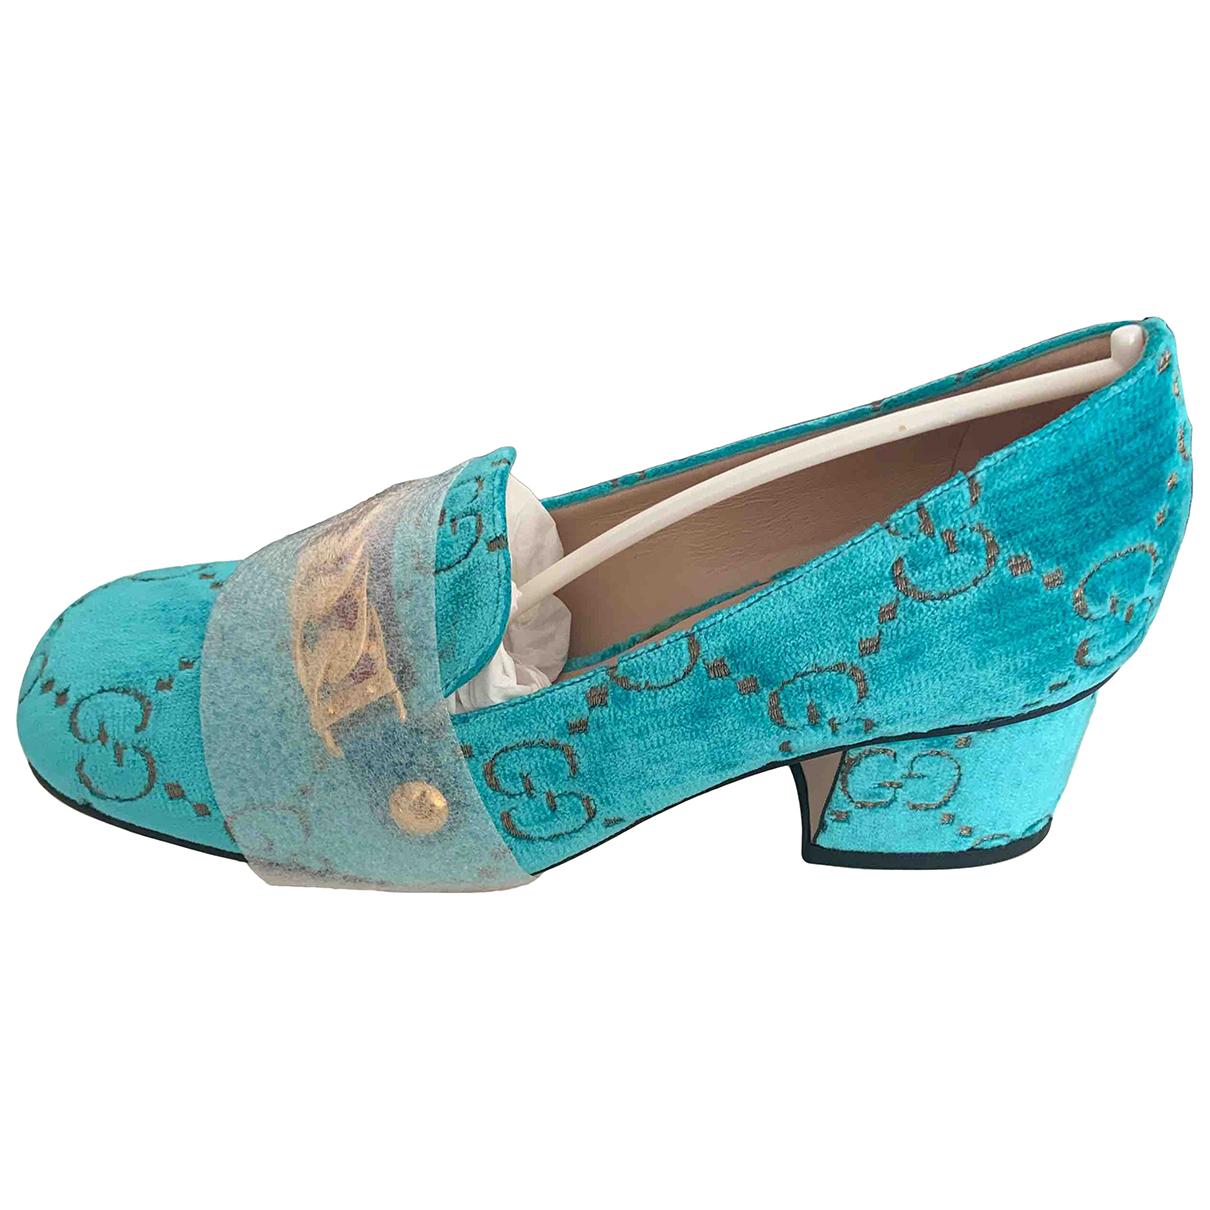 Gucci Sylvie Turquoise Velvet Heels for Women 36.5 EU